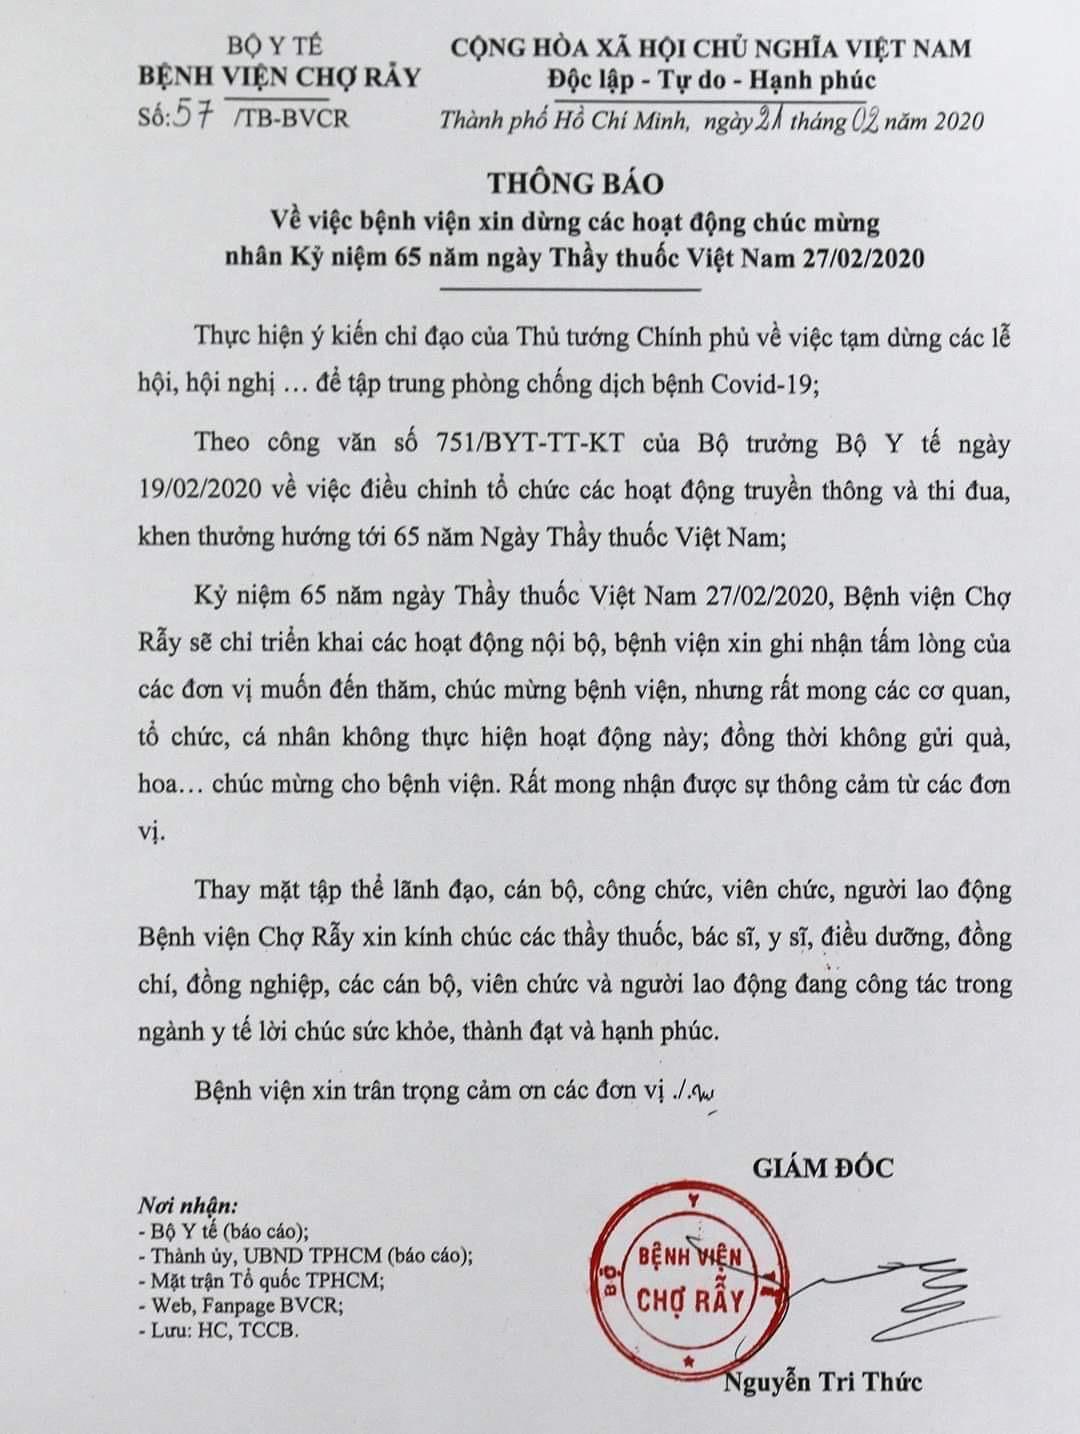 Bệnh viện xin dừng hoạt động mừng ngày Thầy thuốc để phòng dịch Ảnh 2